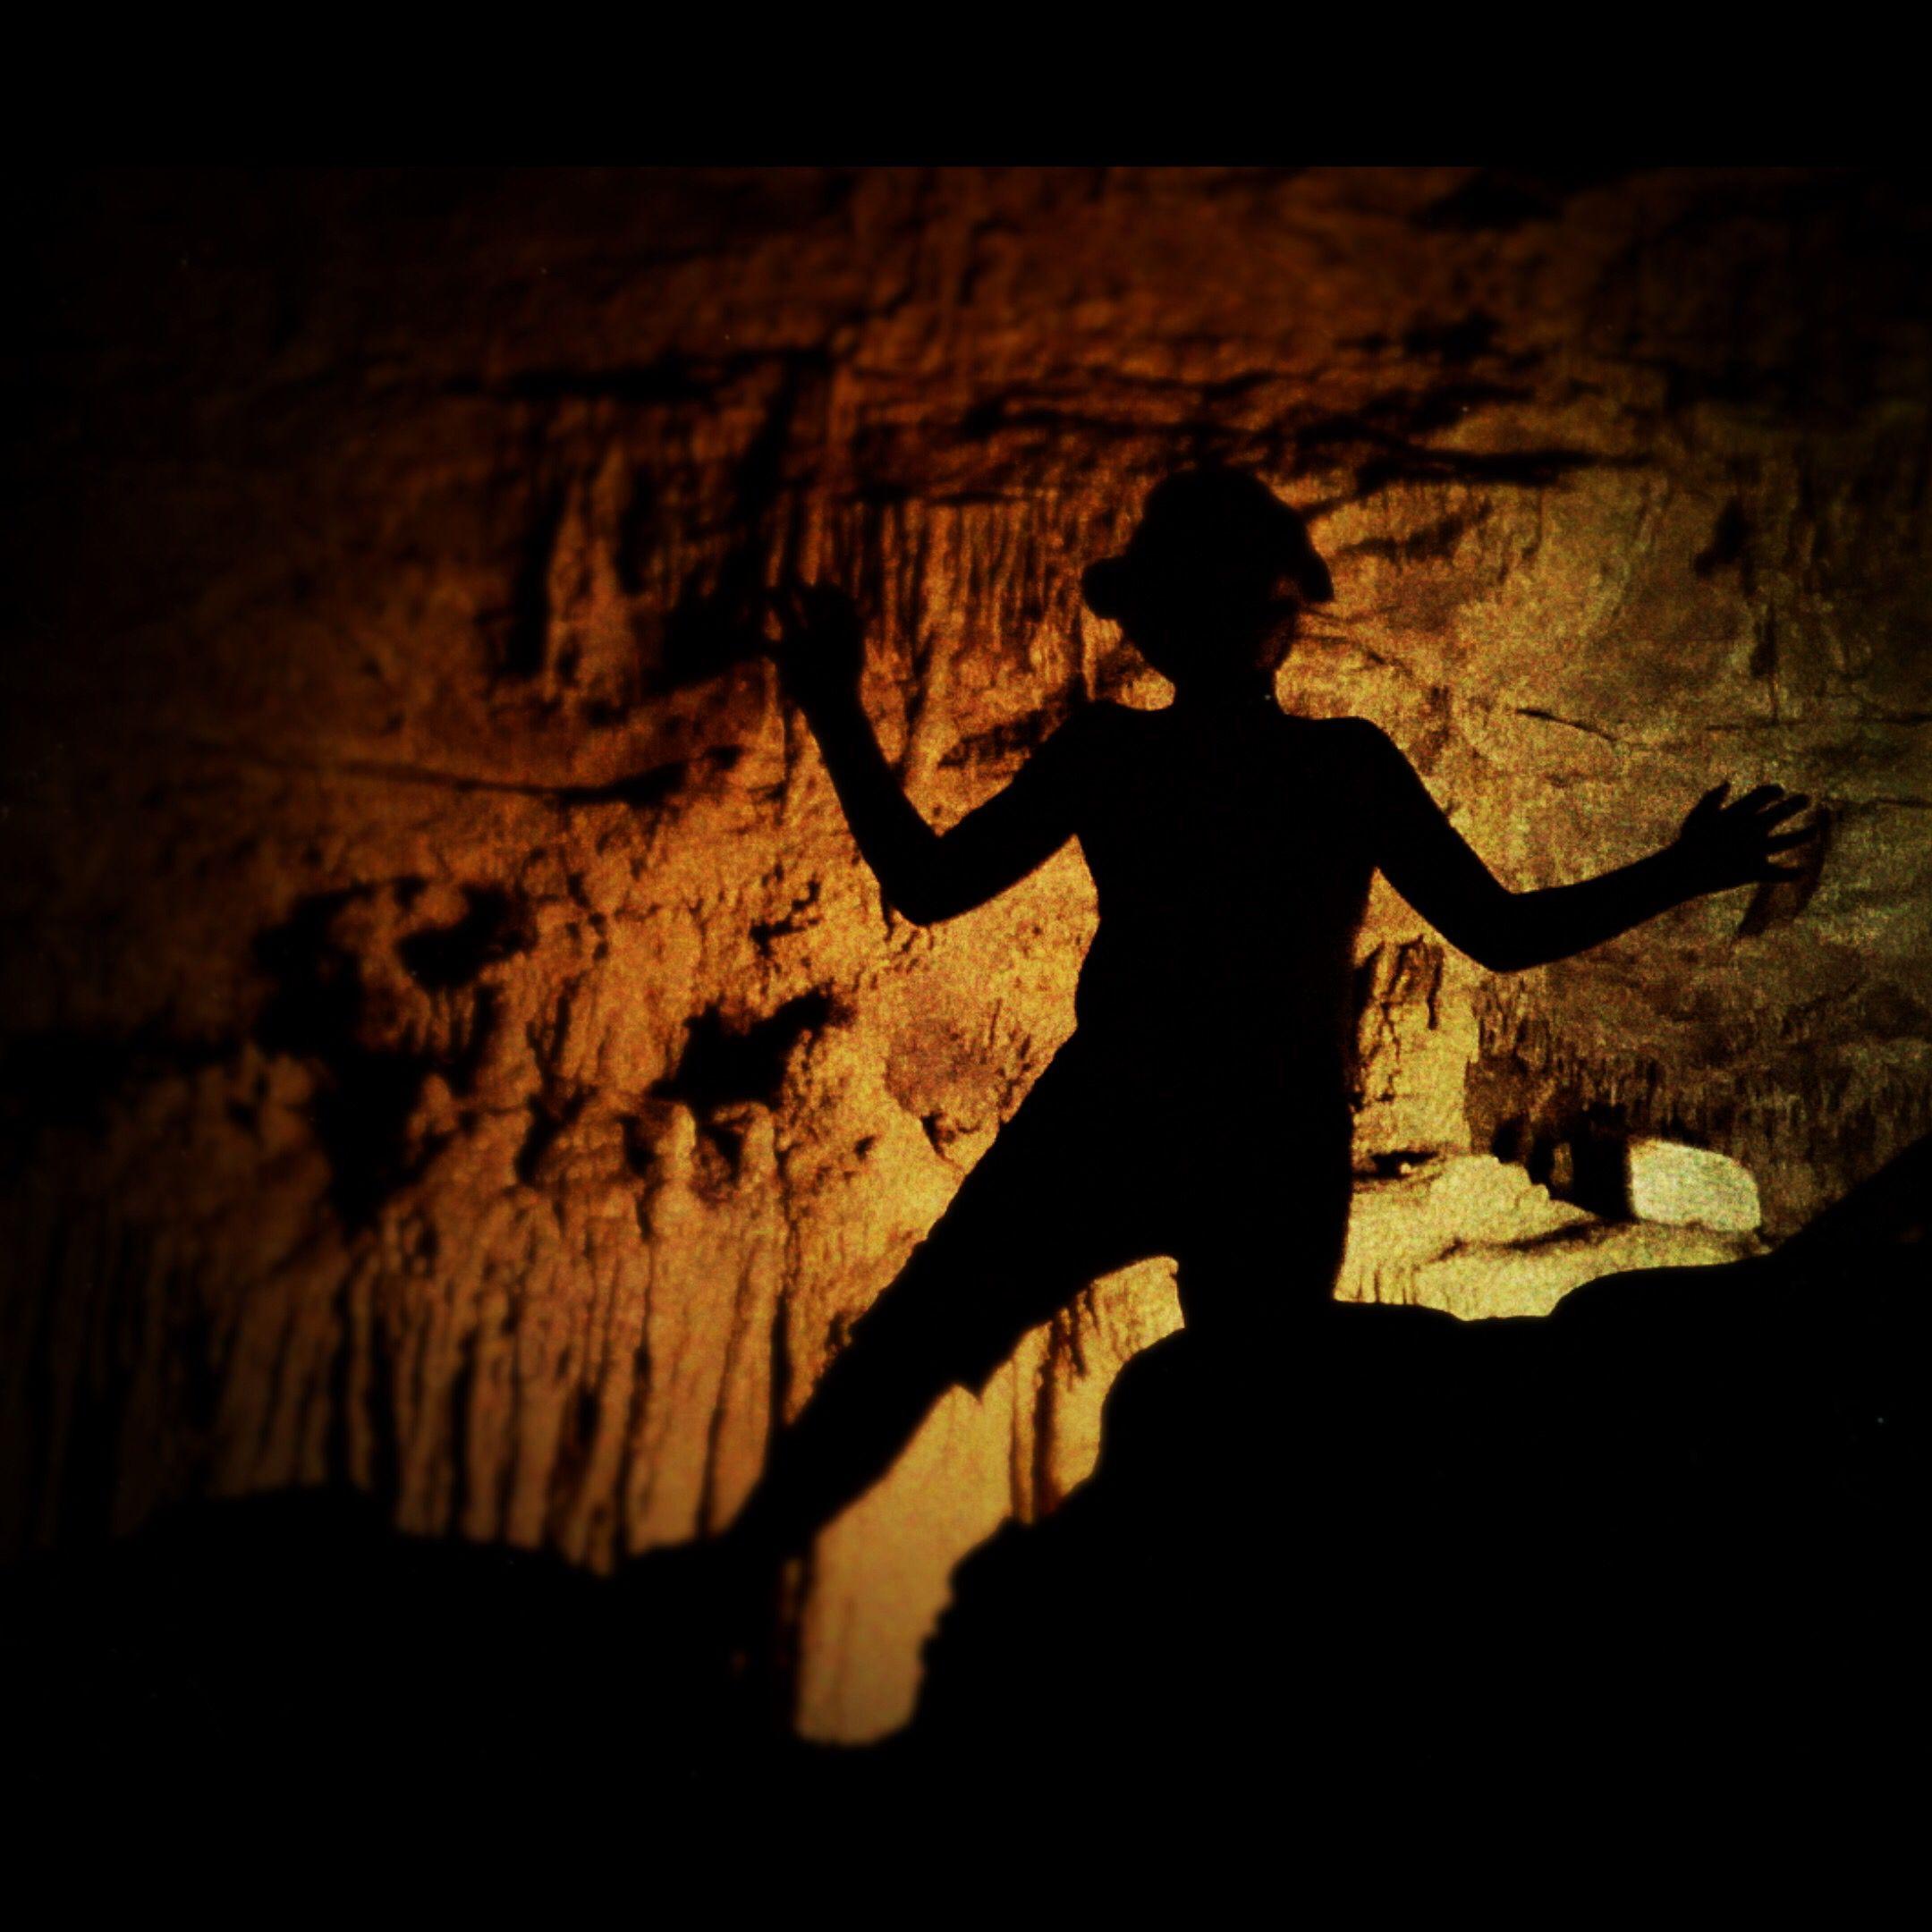 Meteor Falls - Um sonho de exploração 0304b0ff150c32949b1c0555799a85c3